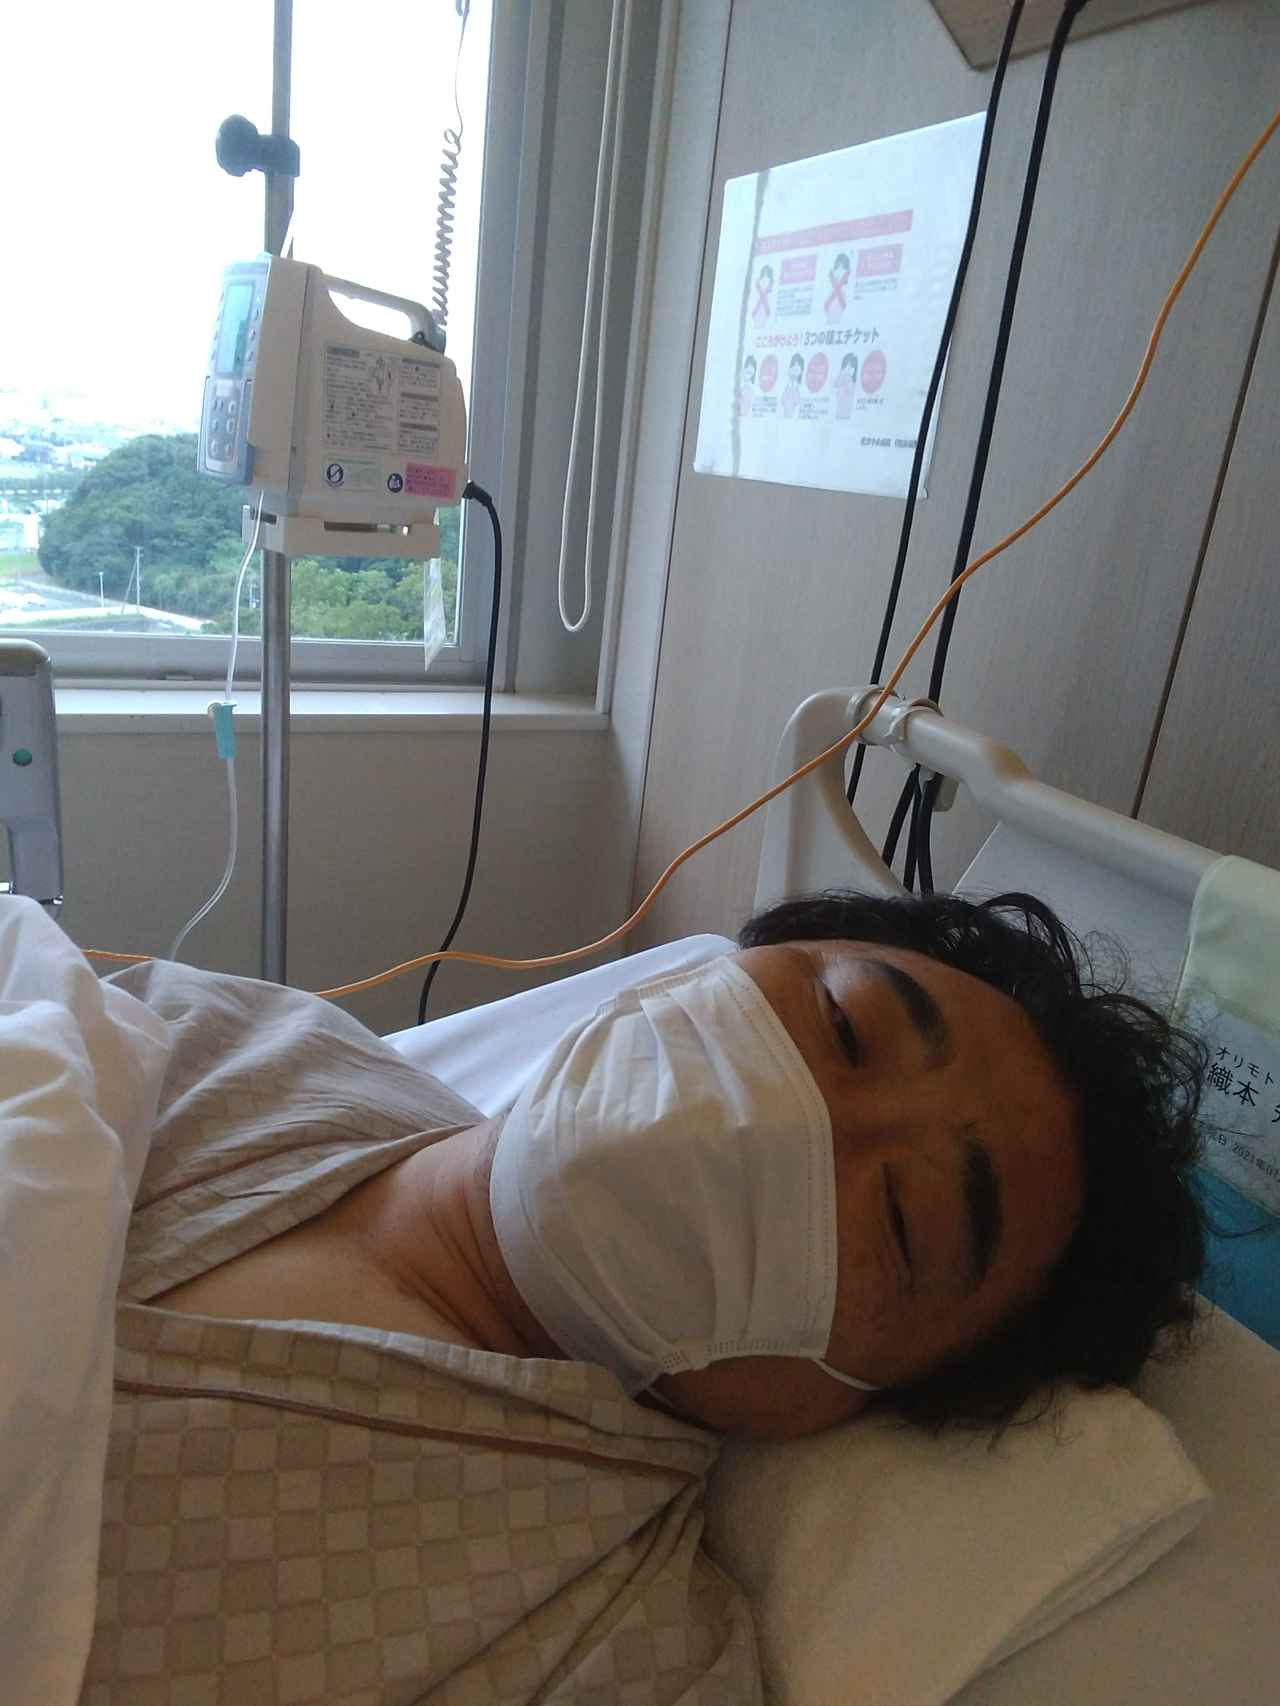 画像: 入院直後。保健所のあのクソBAA、こんだけツライ人間入院させねえで覚えておけよ。むにゃむにゃ。(寝言)